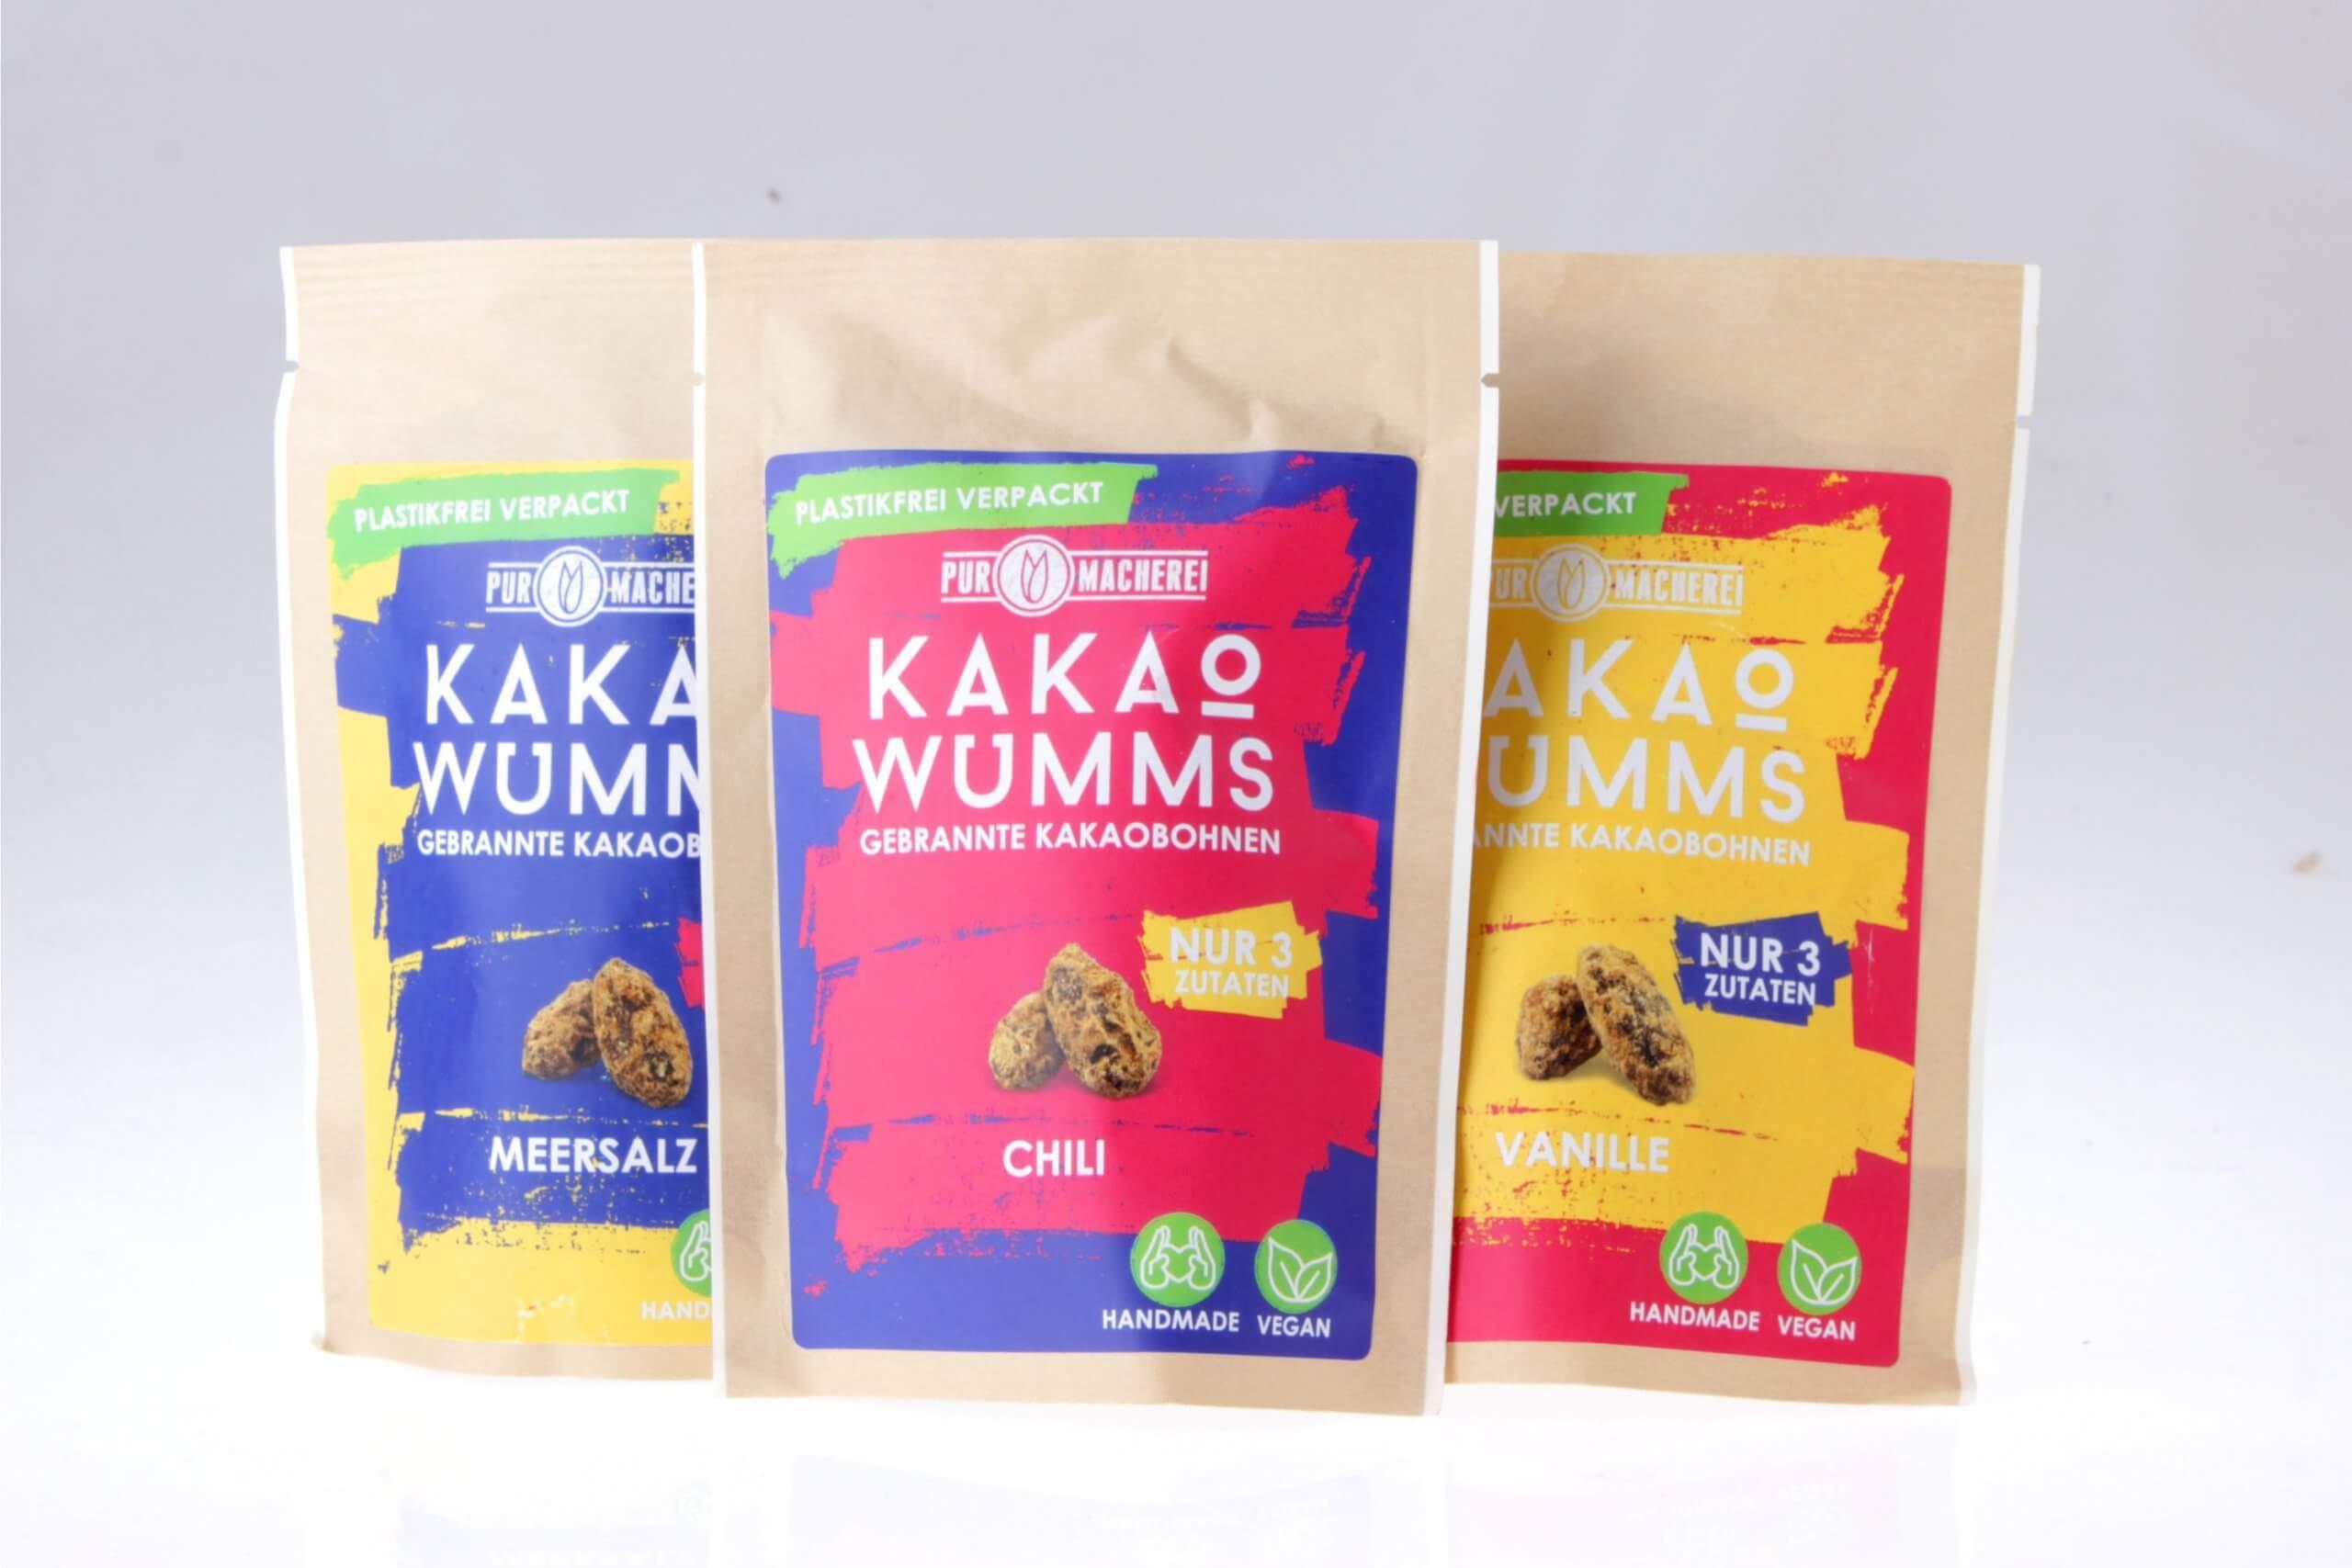 KakaoWUMMS Energieset von feinjemacht